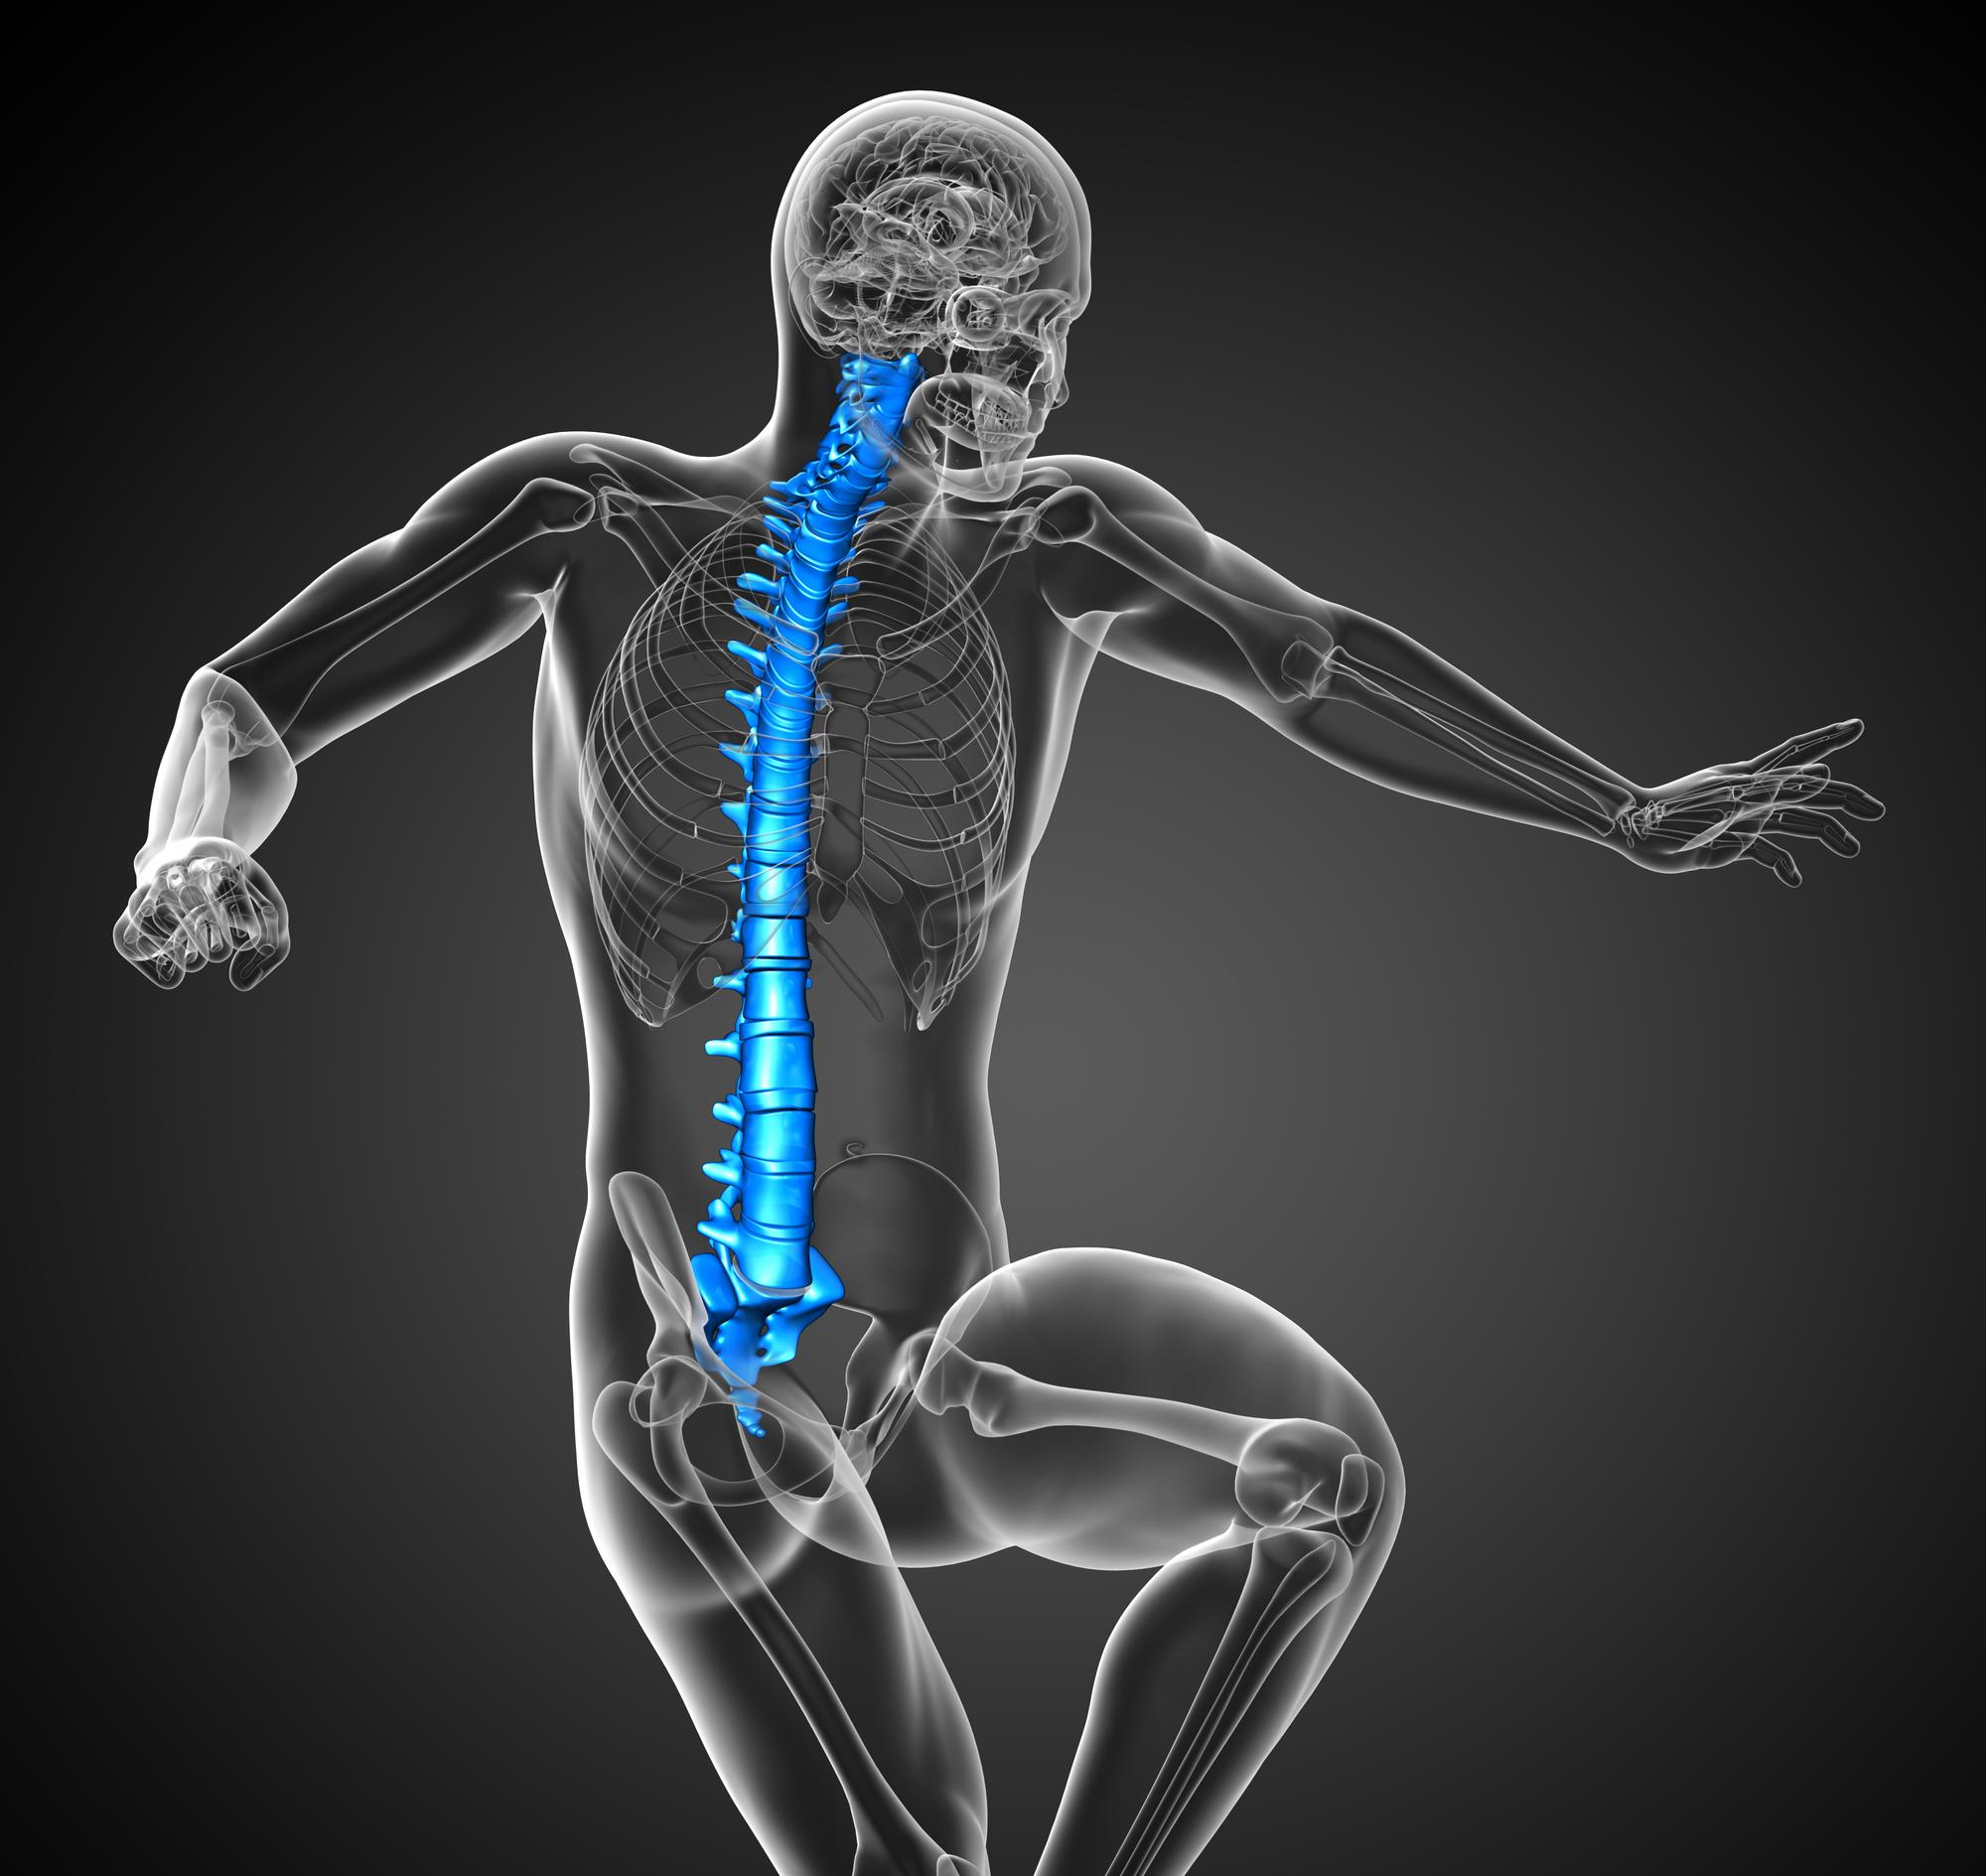 3d render medical illustration of the human spine - side view